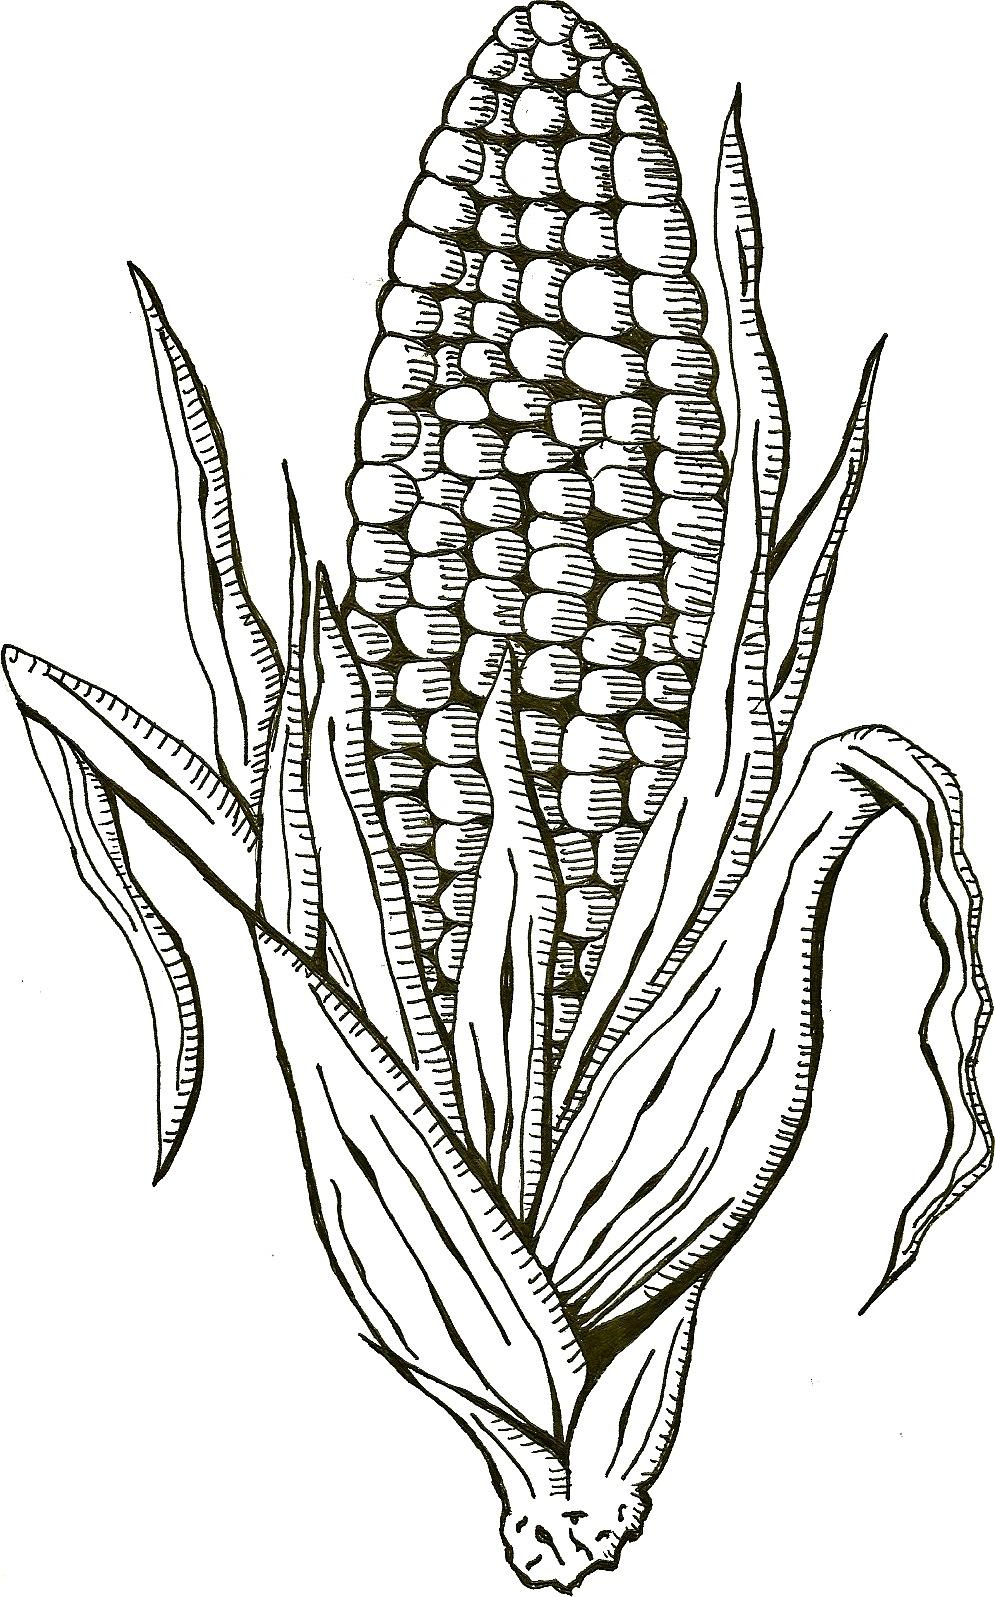 Corn by Sketch--Addict on DeviantArt